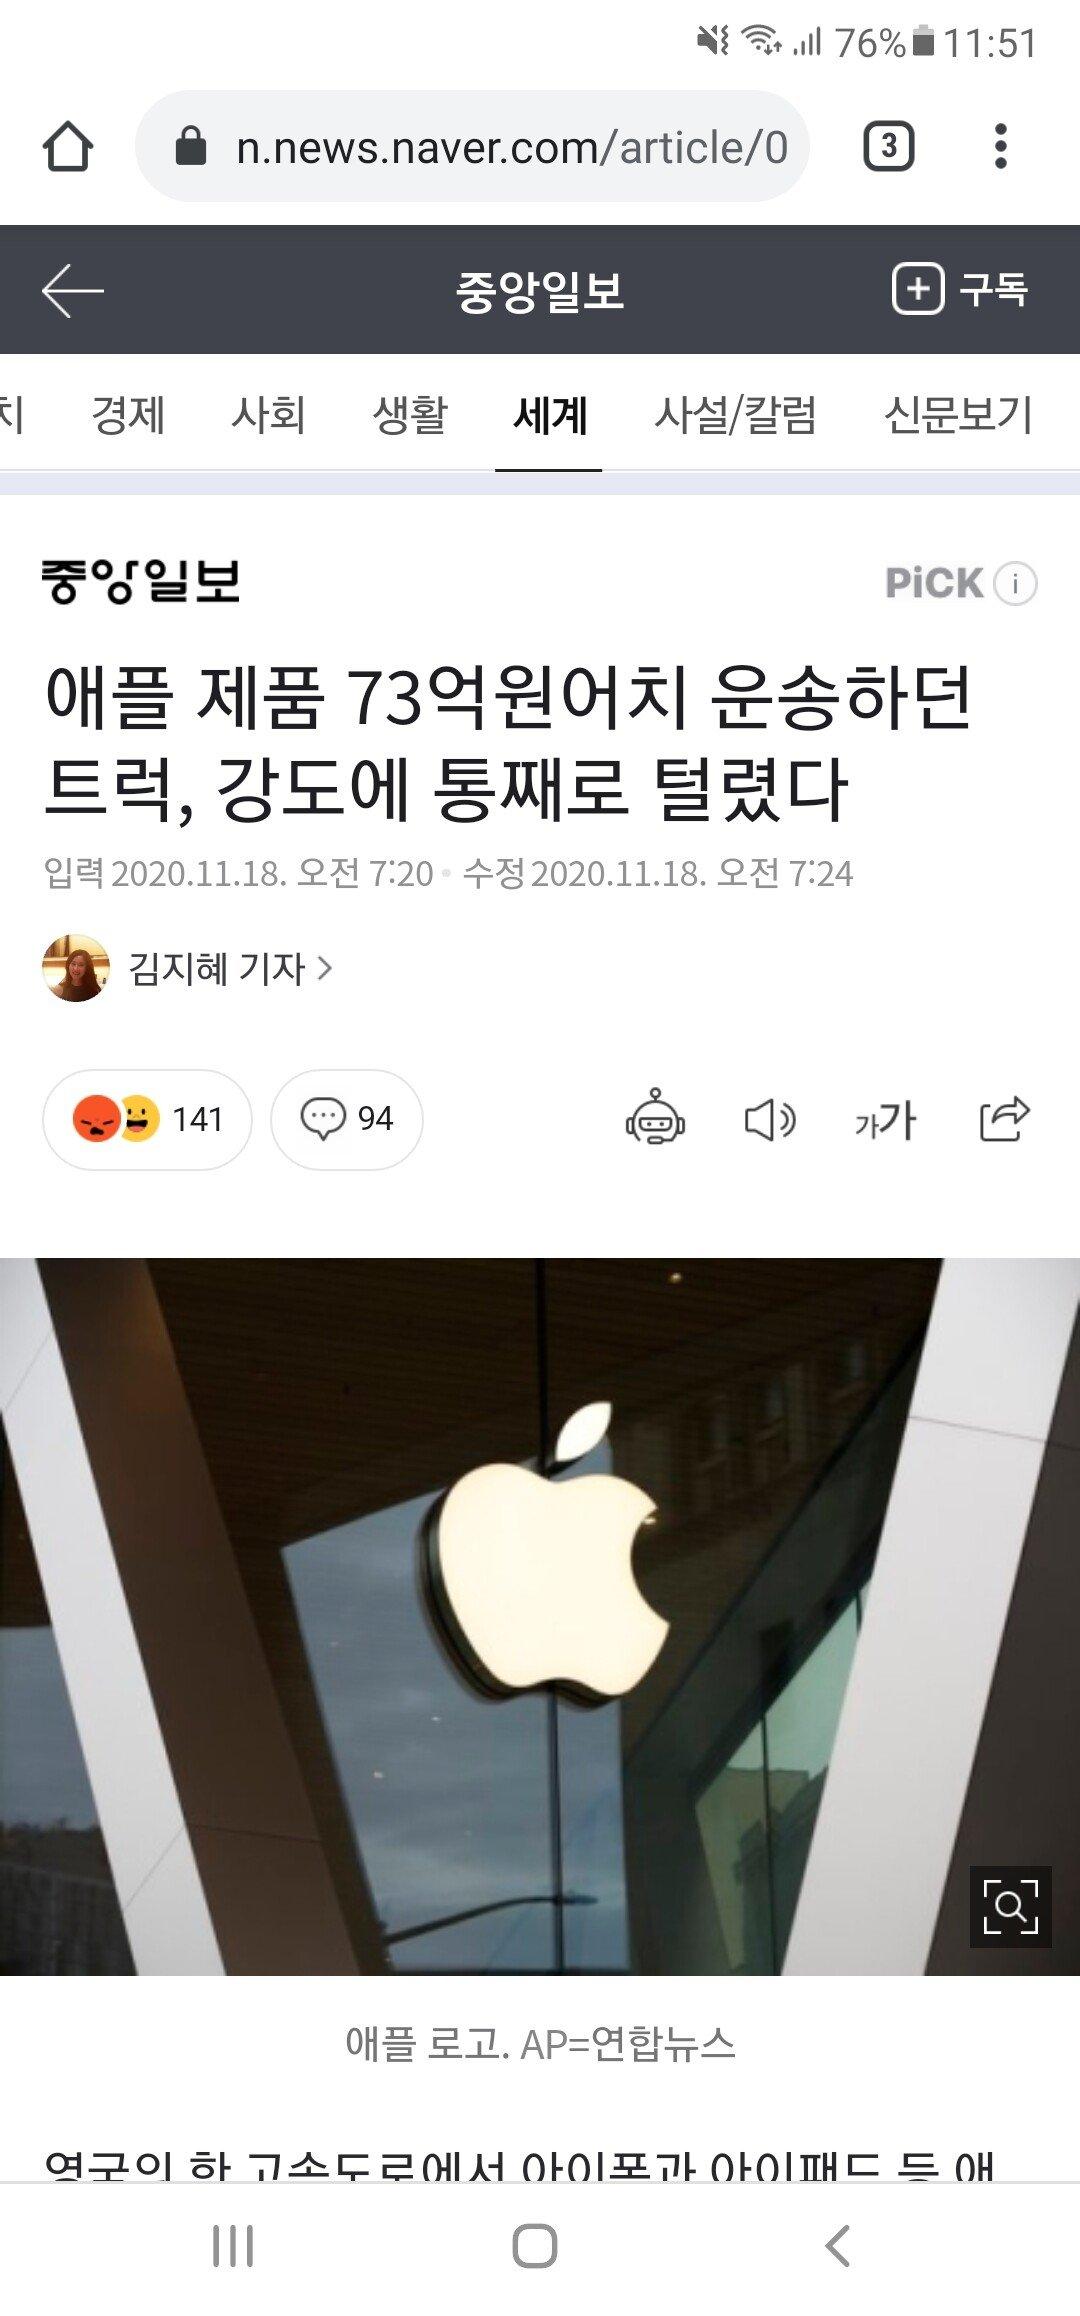 Screenshot_20201118-115143_Chrome.jpg 애플 73억치 운송트럭 강도에 털렸다